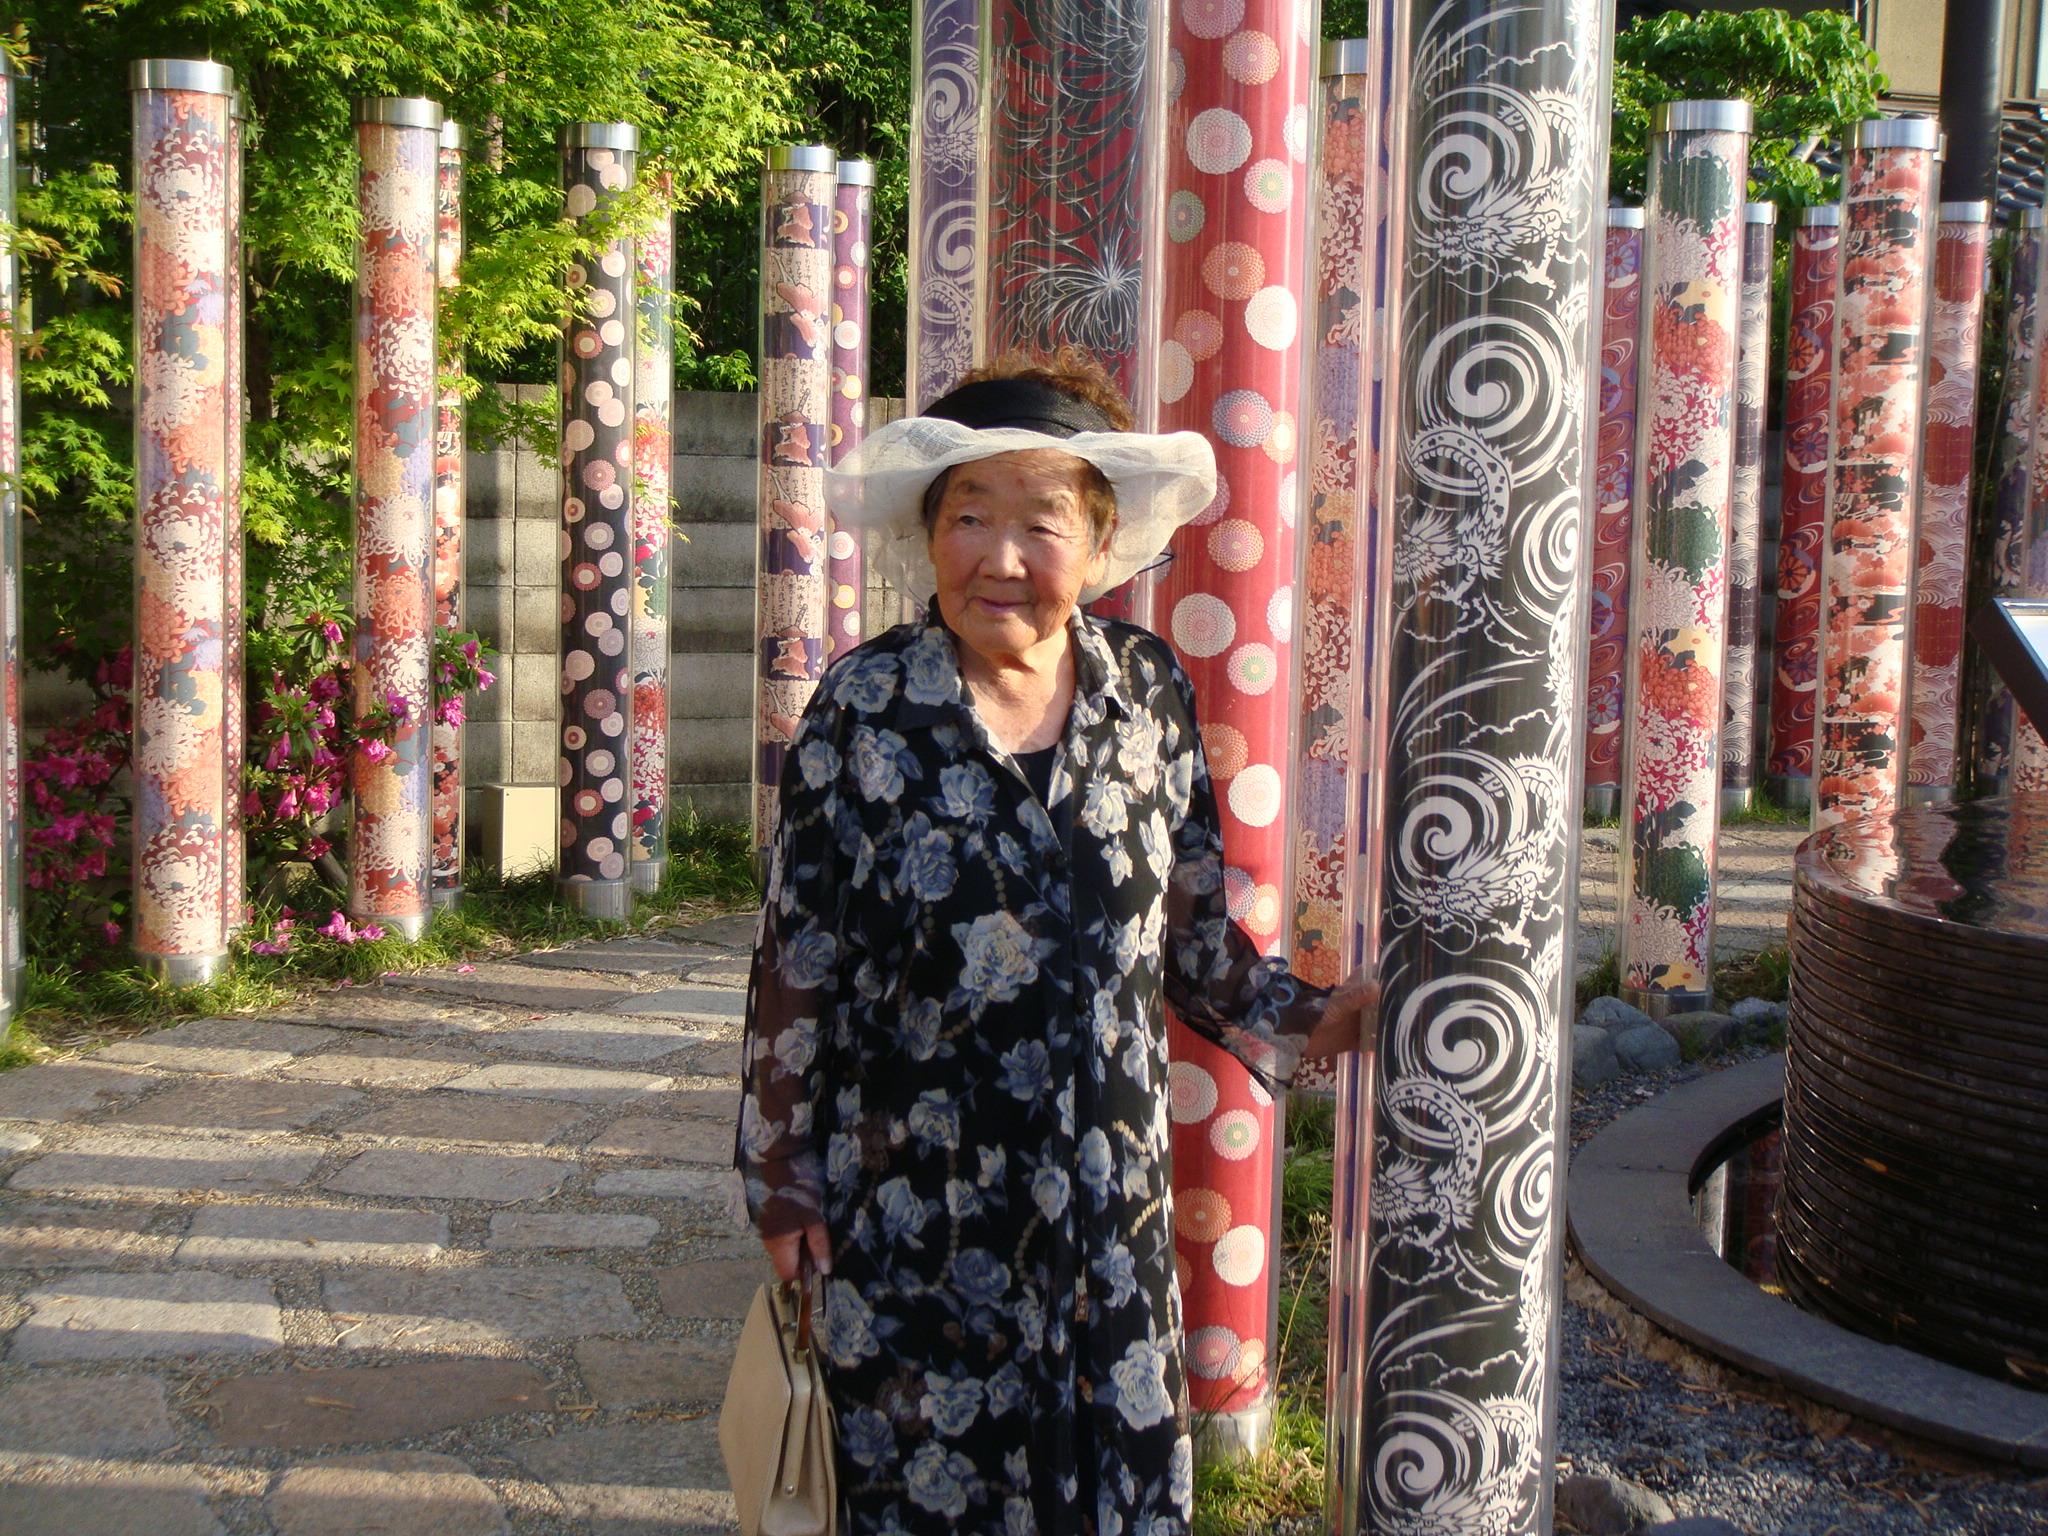 91歳の母へ Thanks Mother's Day ♡♡   母と一緒に、楽しく過ごしました。